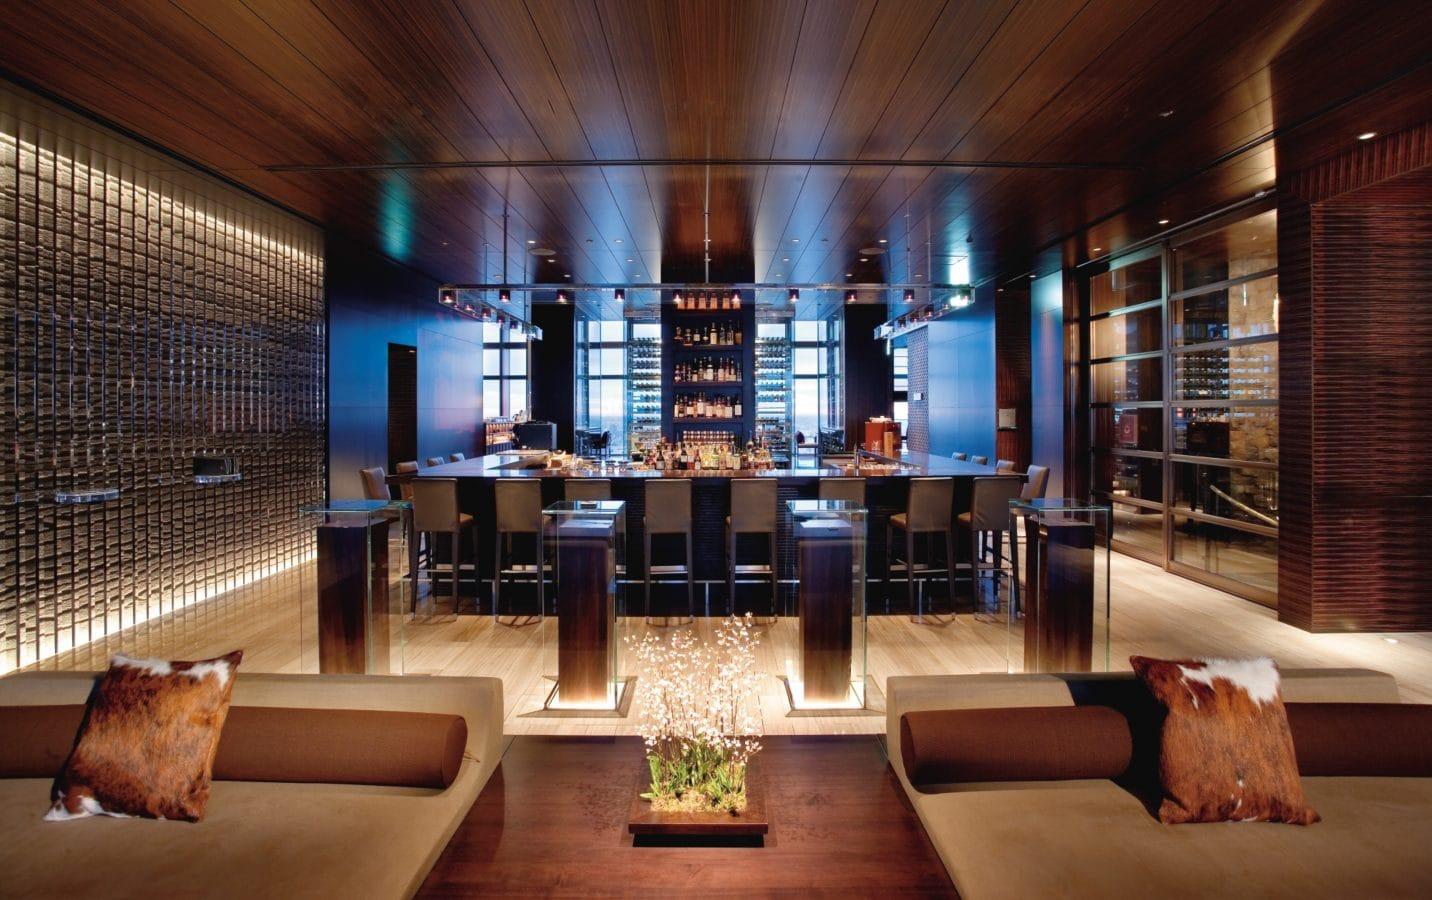 「富比世旅遊指南」5顆星評價!坐擁天際線的「東京文華東方酒店」